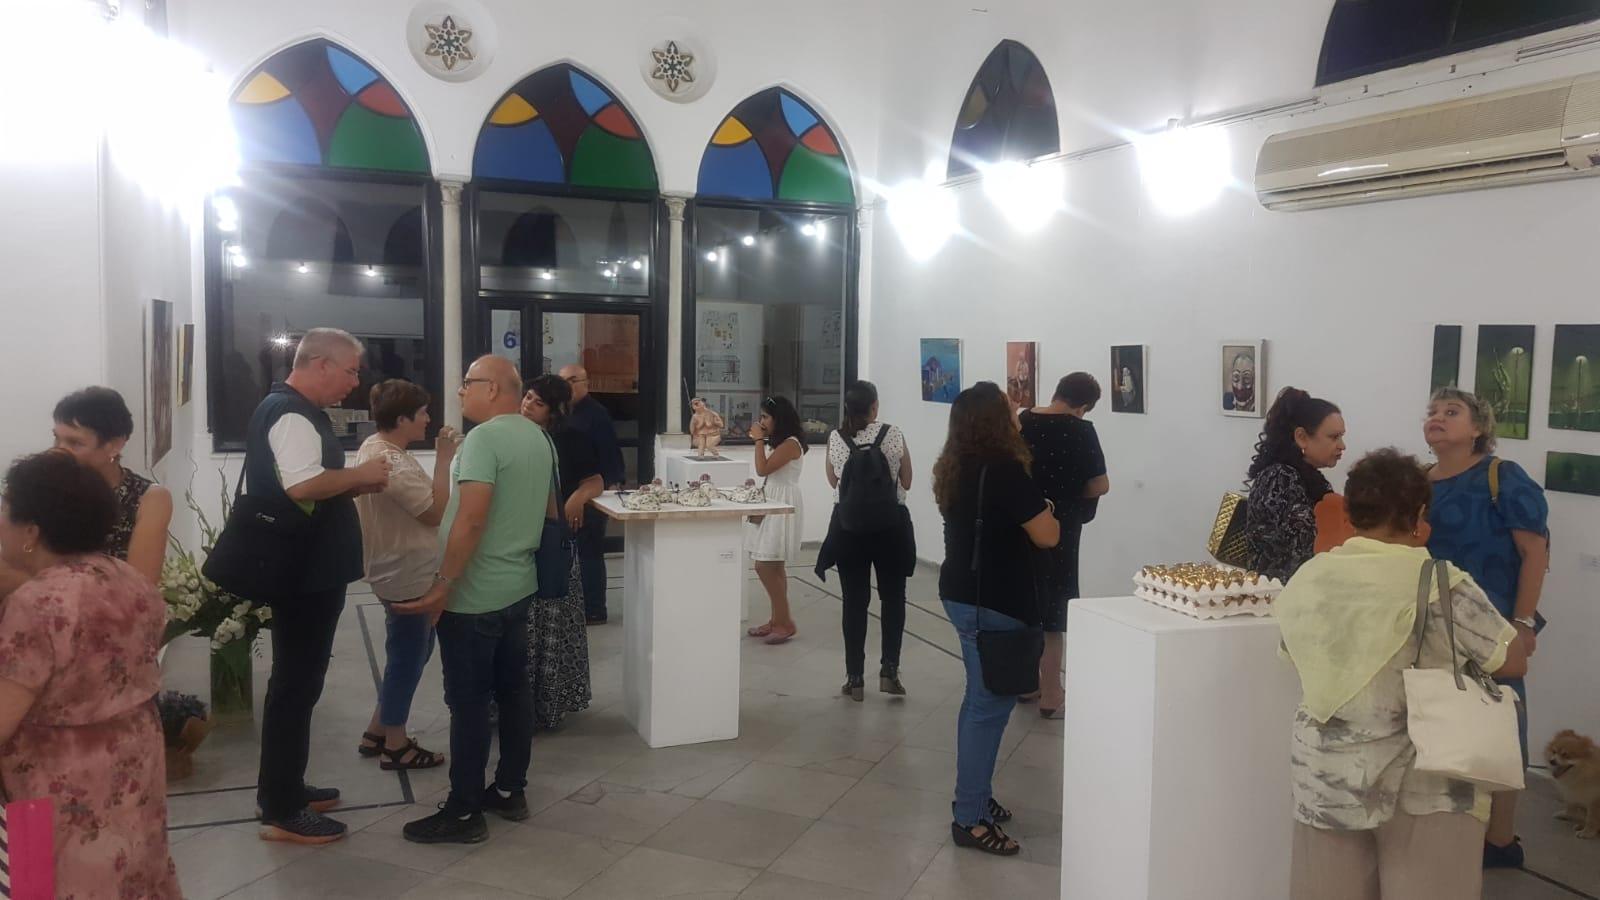 הגלריה הלימודית - לימודי אמנות | לימודי אומנות